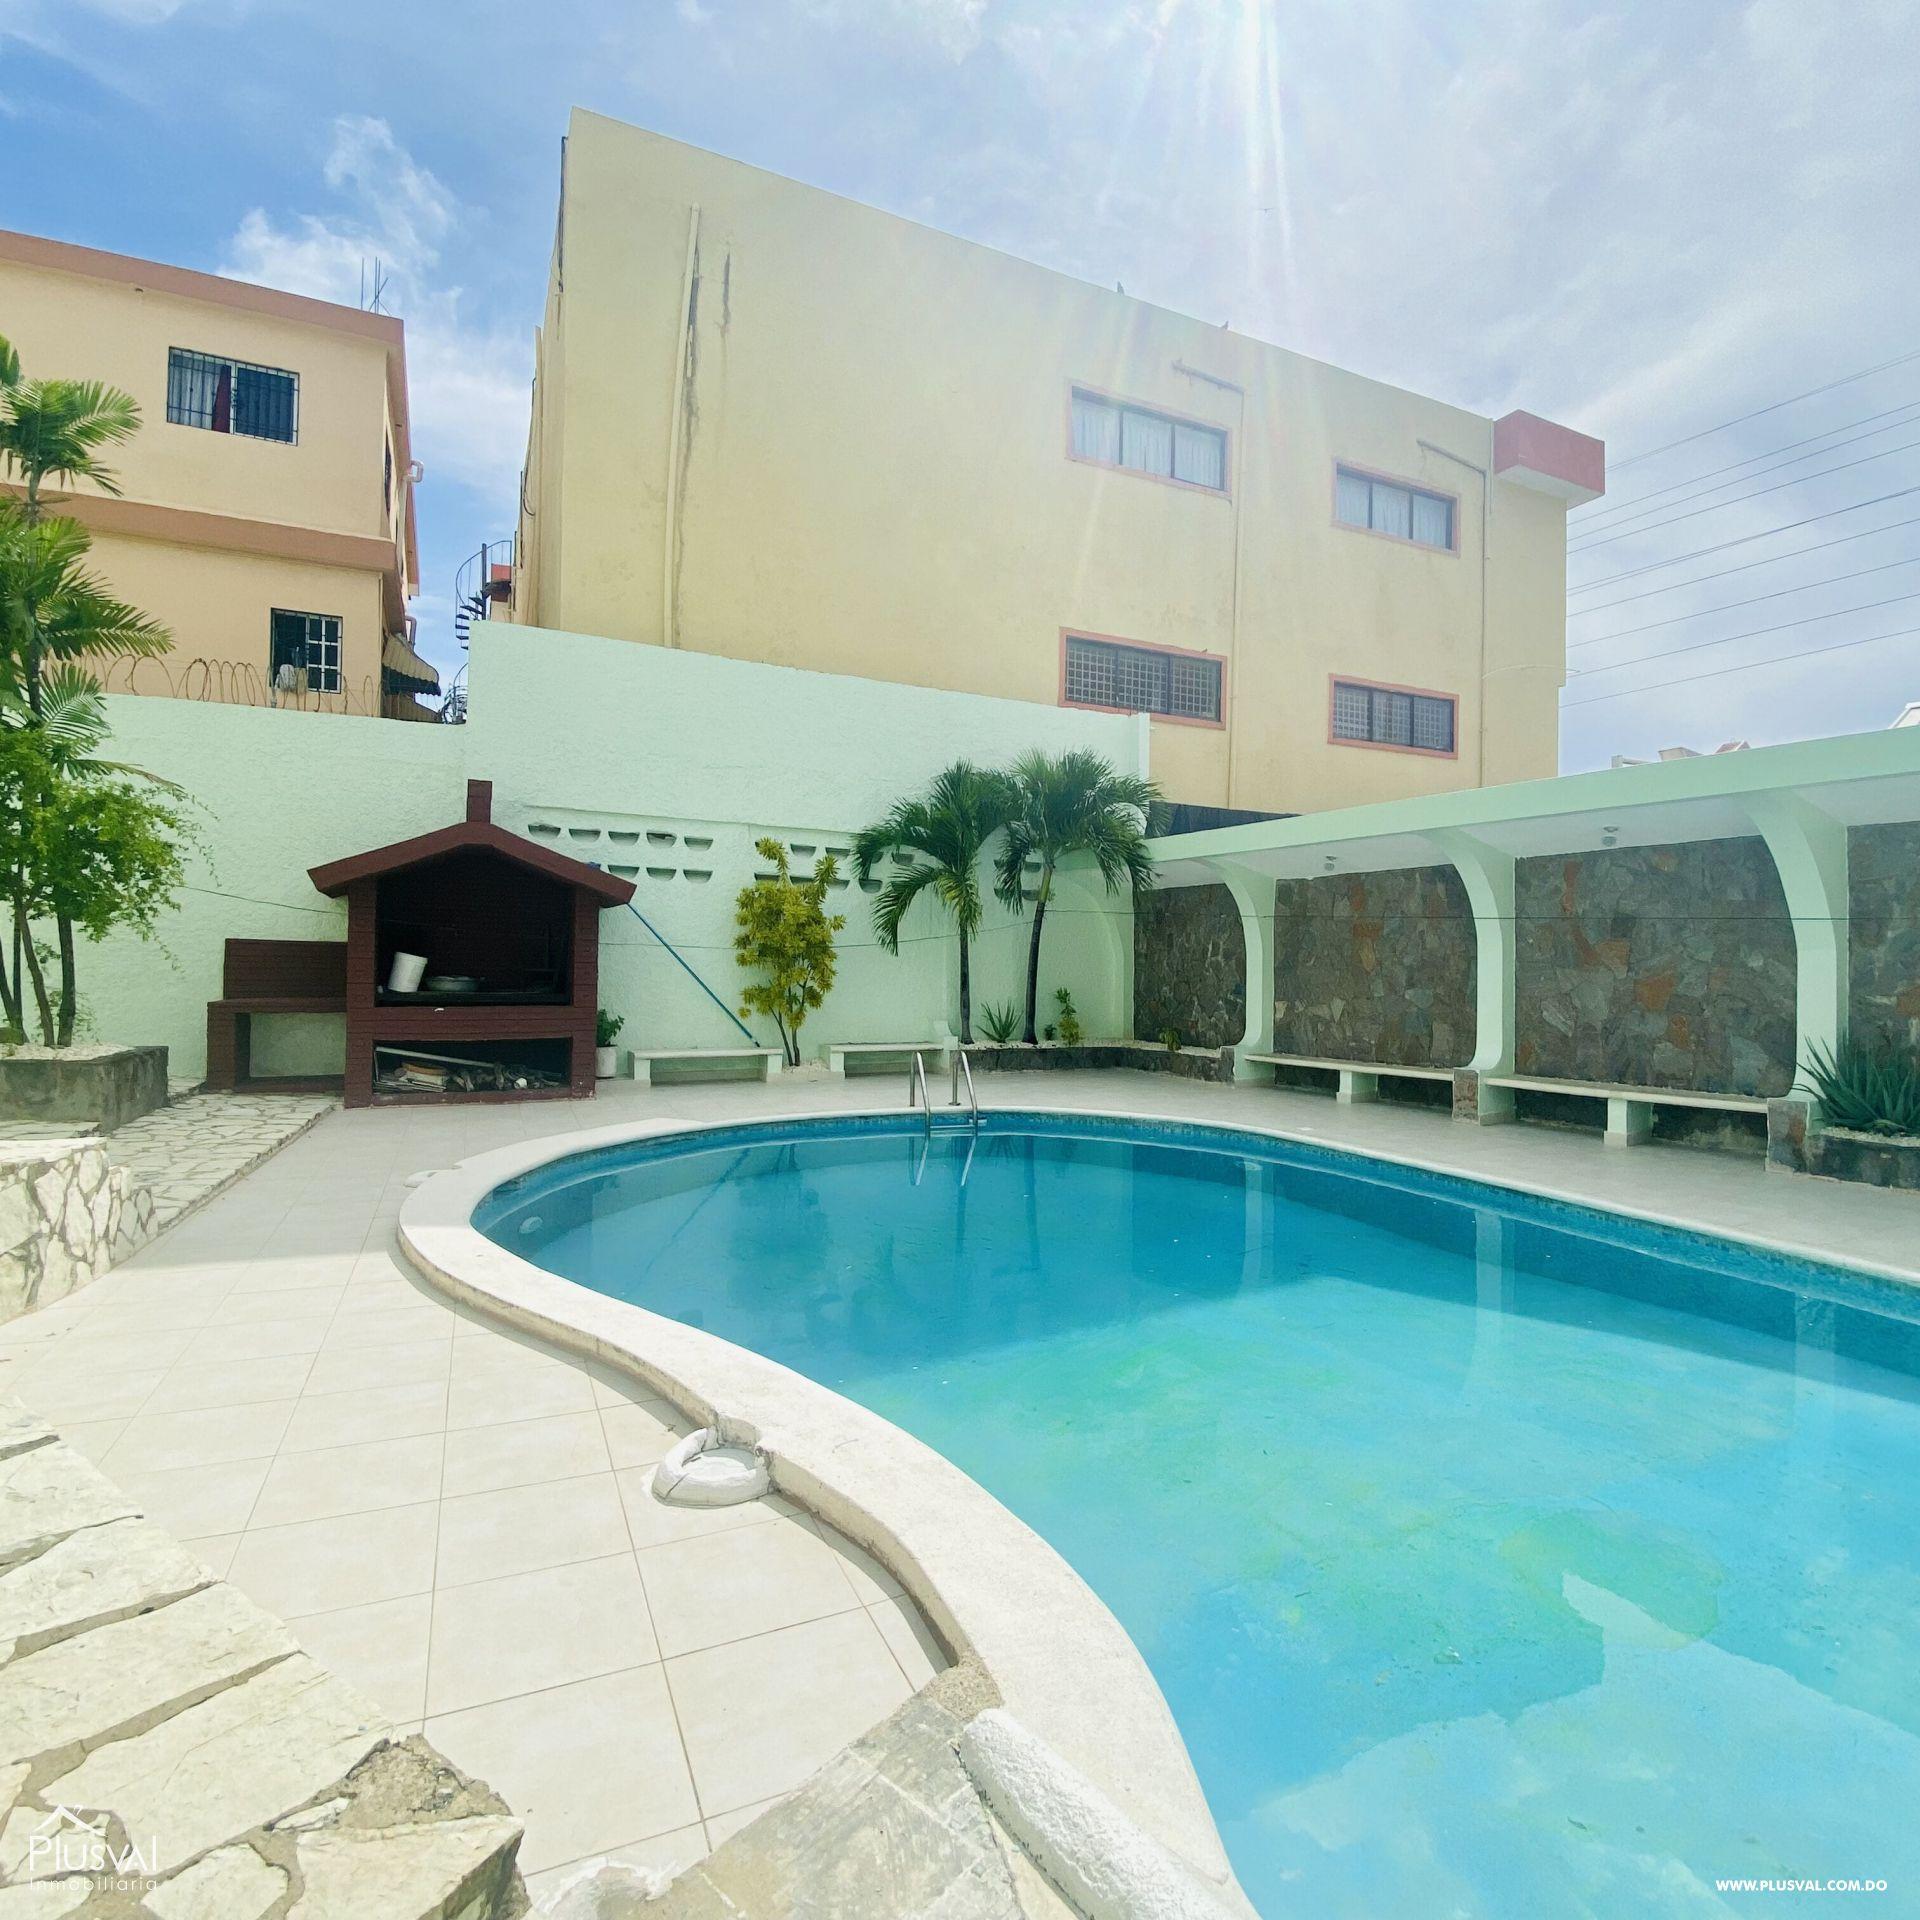 Casa en Venta en Cancino, Santo Domingo Este.